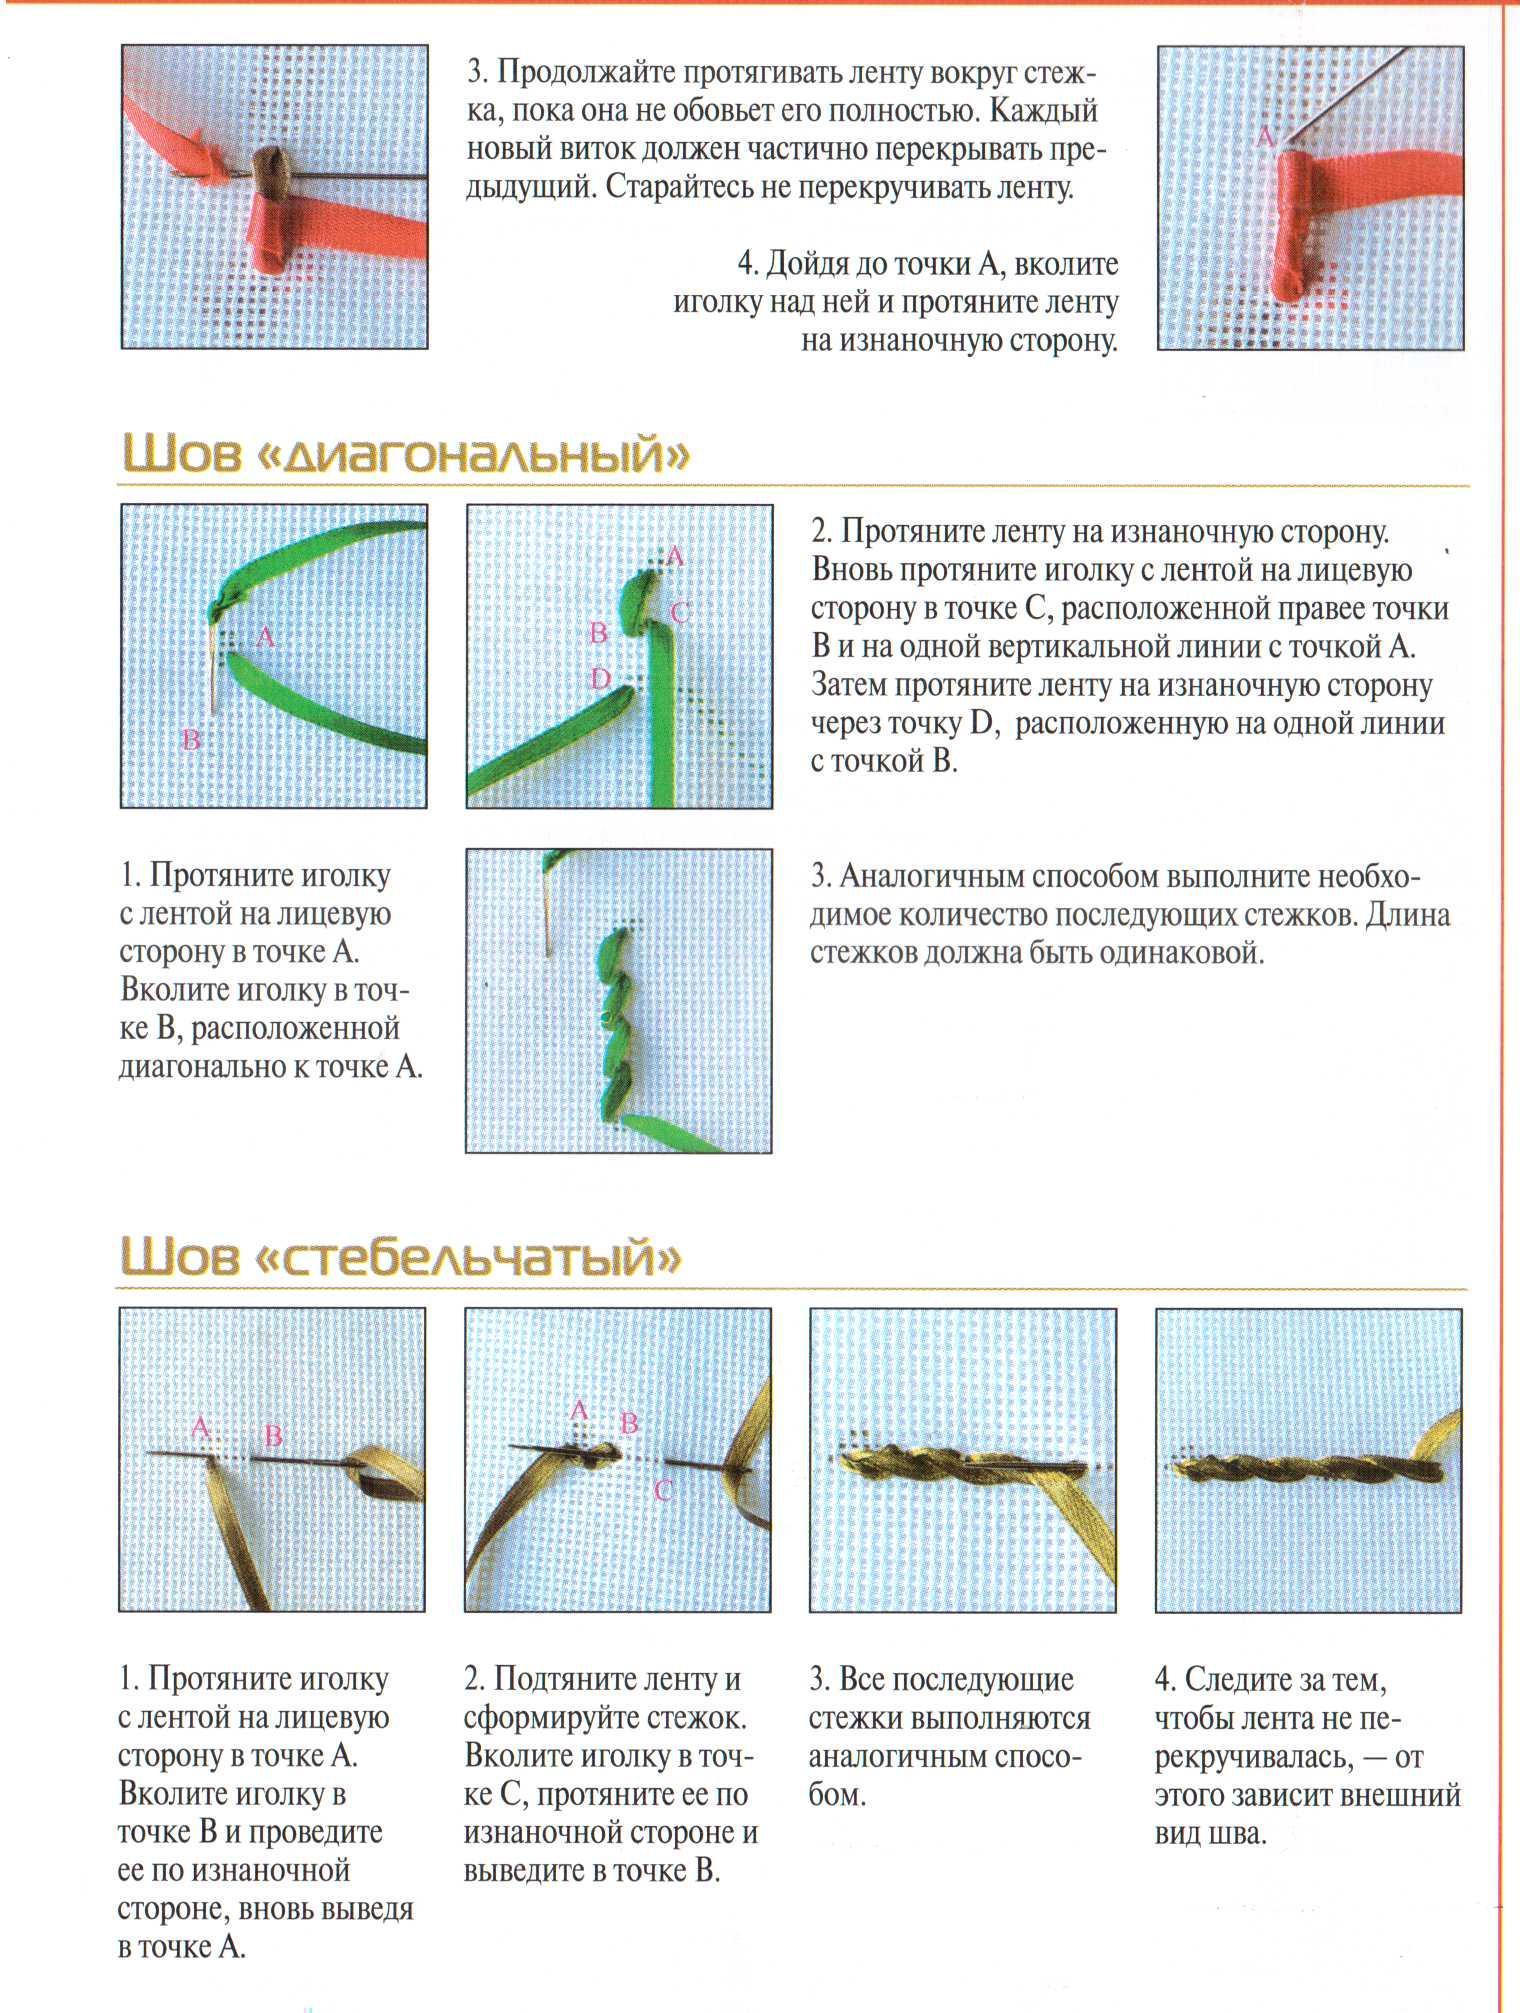 F:\шелковые ленты\5.jpeg